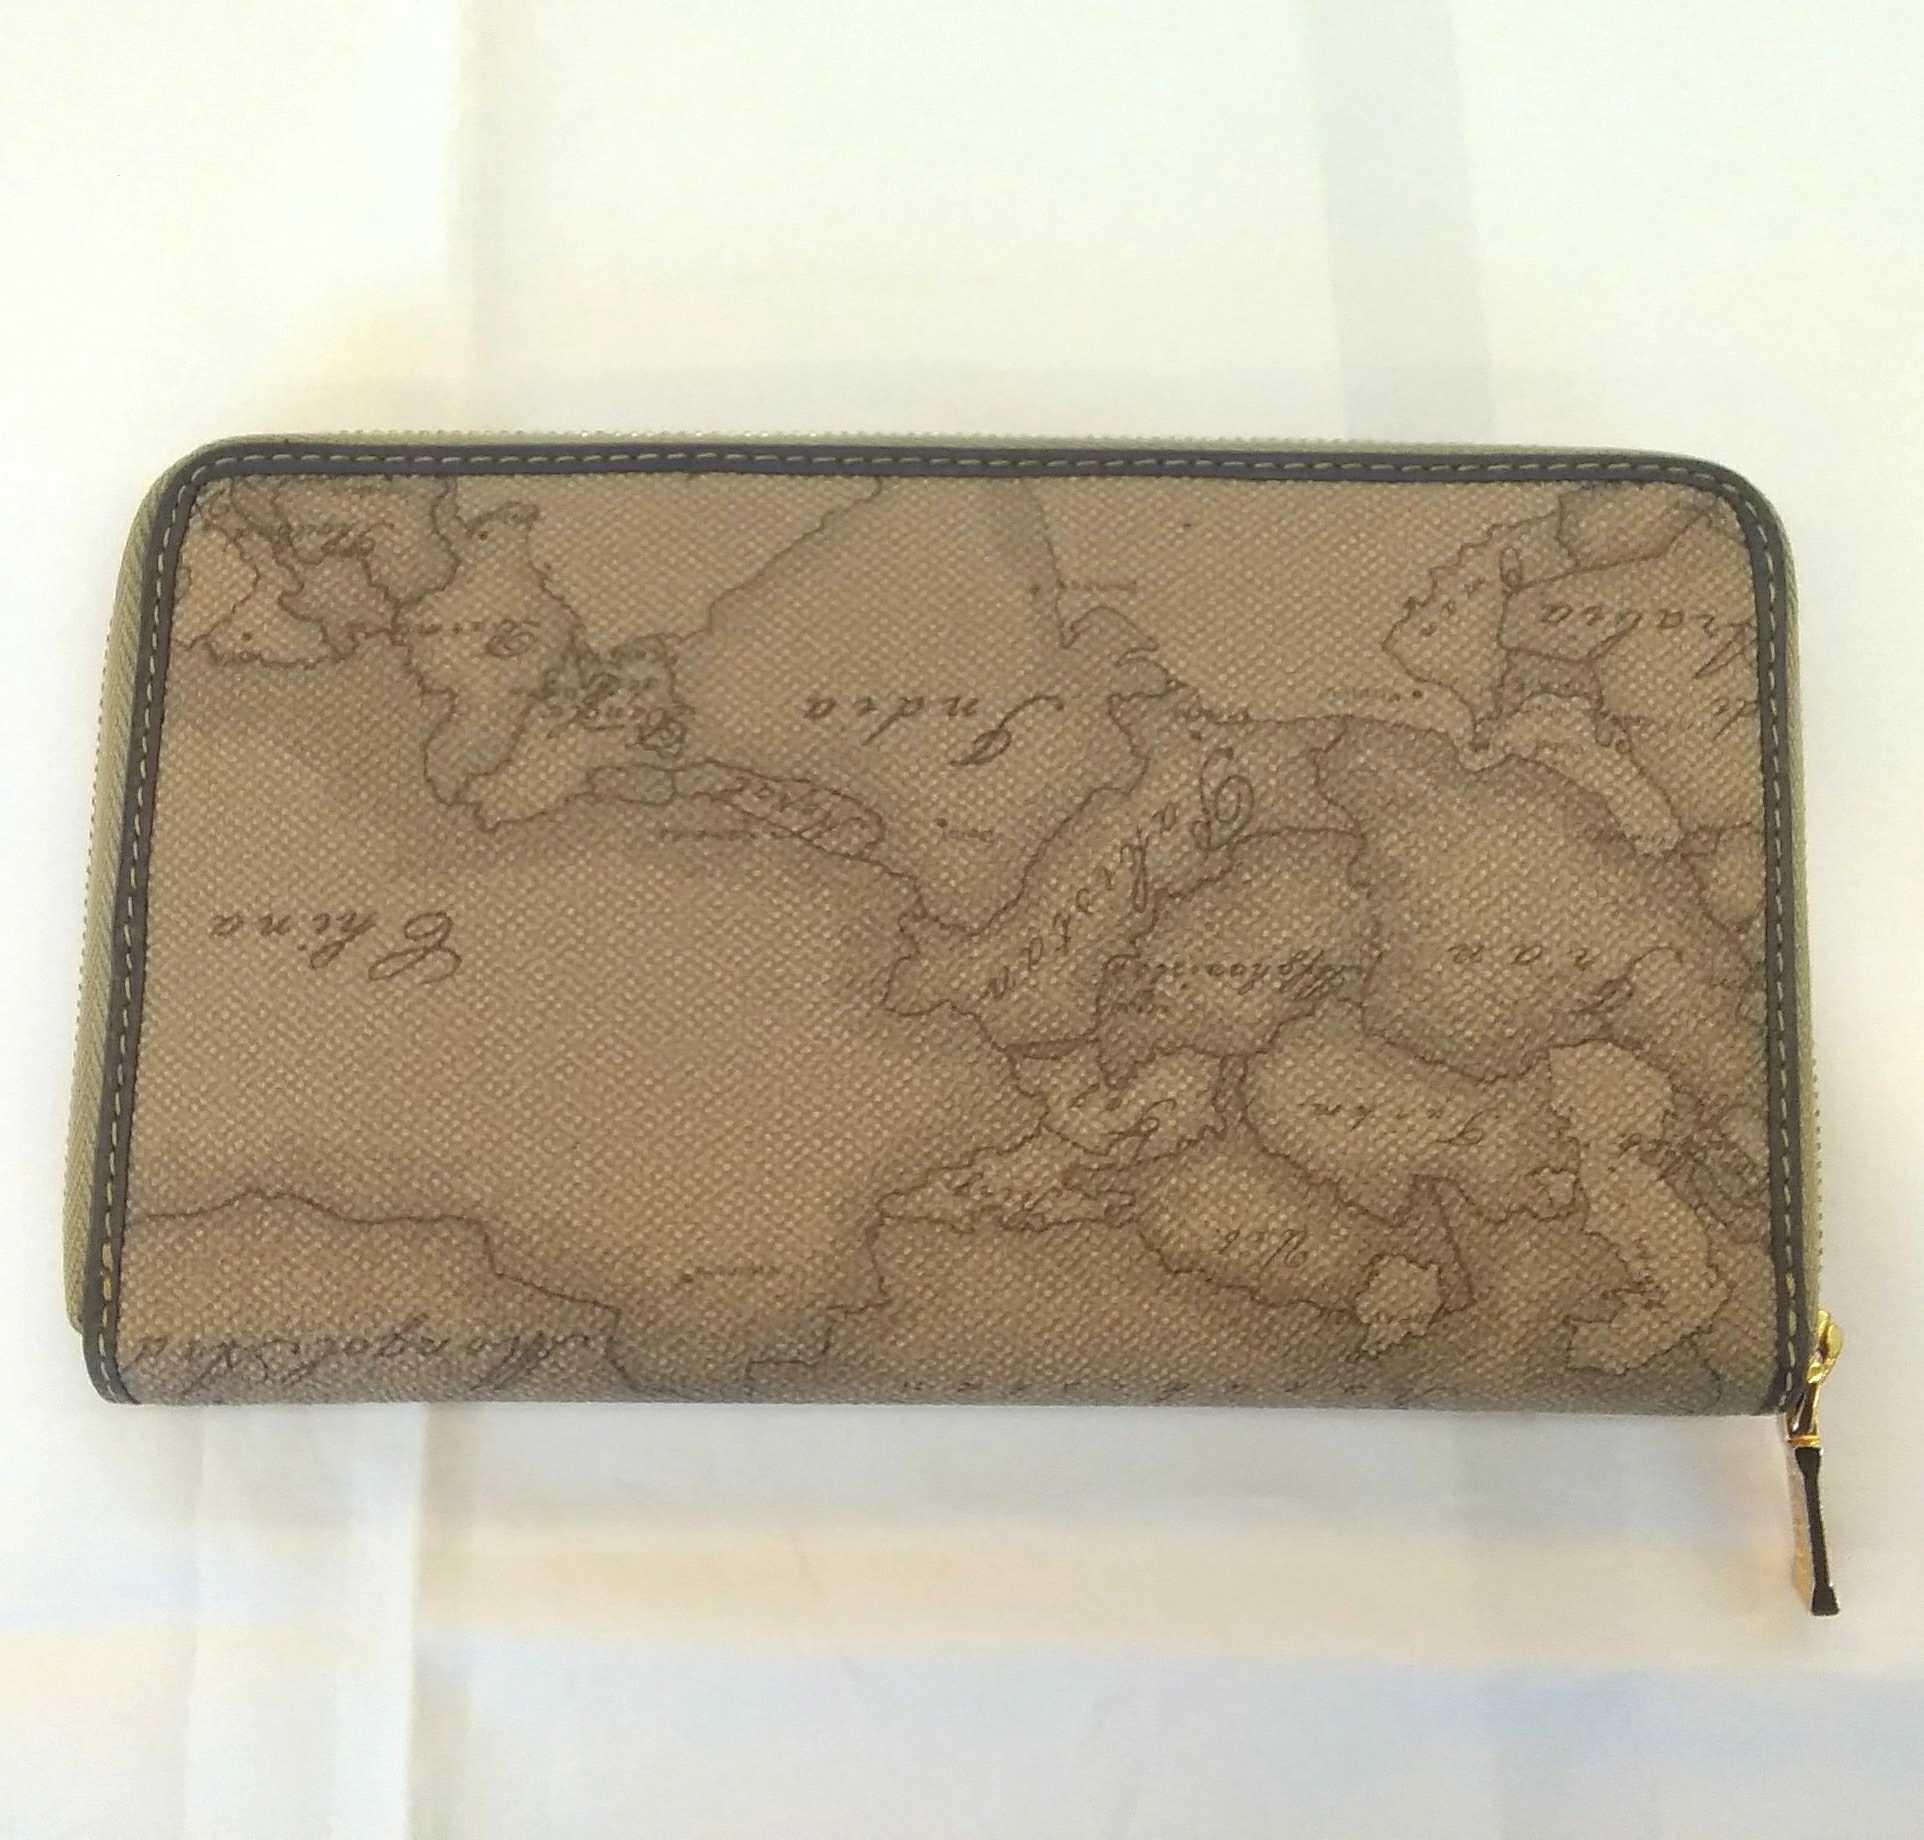 【プリマクラッセ】【長財布】ラウンドジップ財布|PRIMA CLASSE